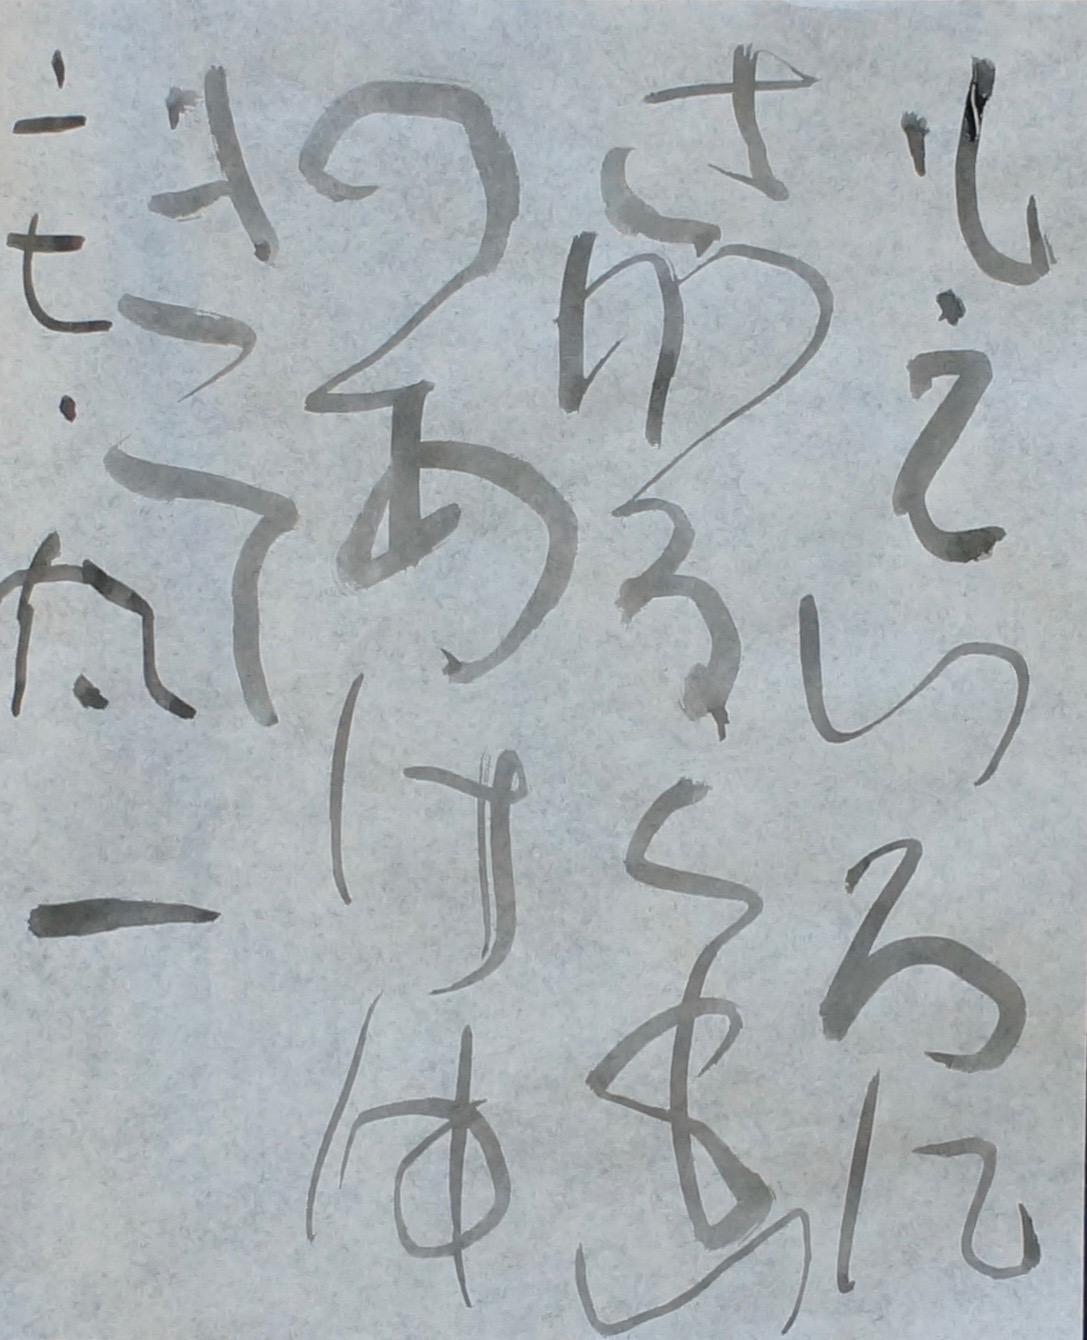 朝歌9月1日_c0169176_7372430.jpg